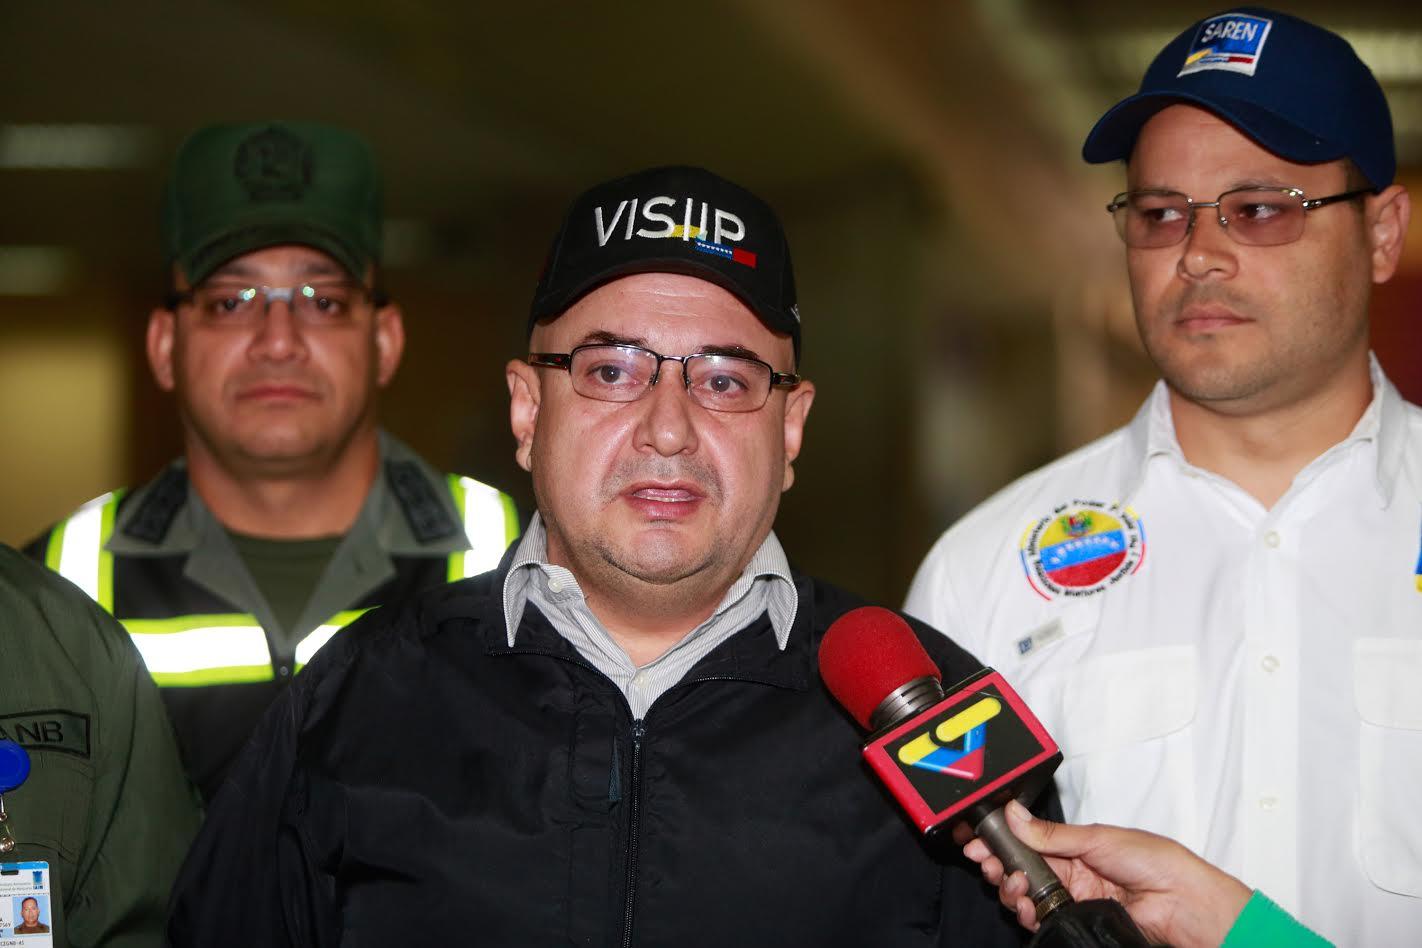 VISIIP - SUPERVISIÒN DISPOSITIVO AEROPUERTO SIMÓN BOLÍVAR (4)